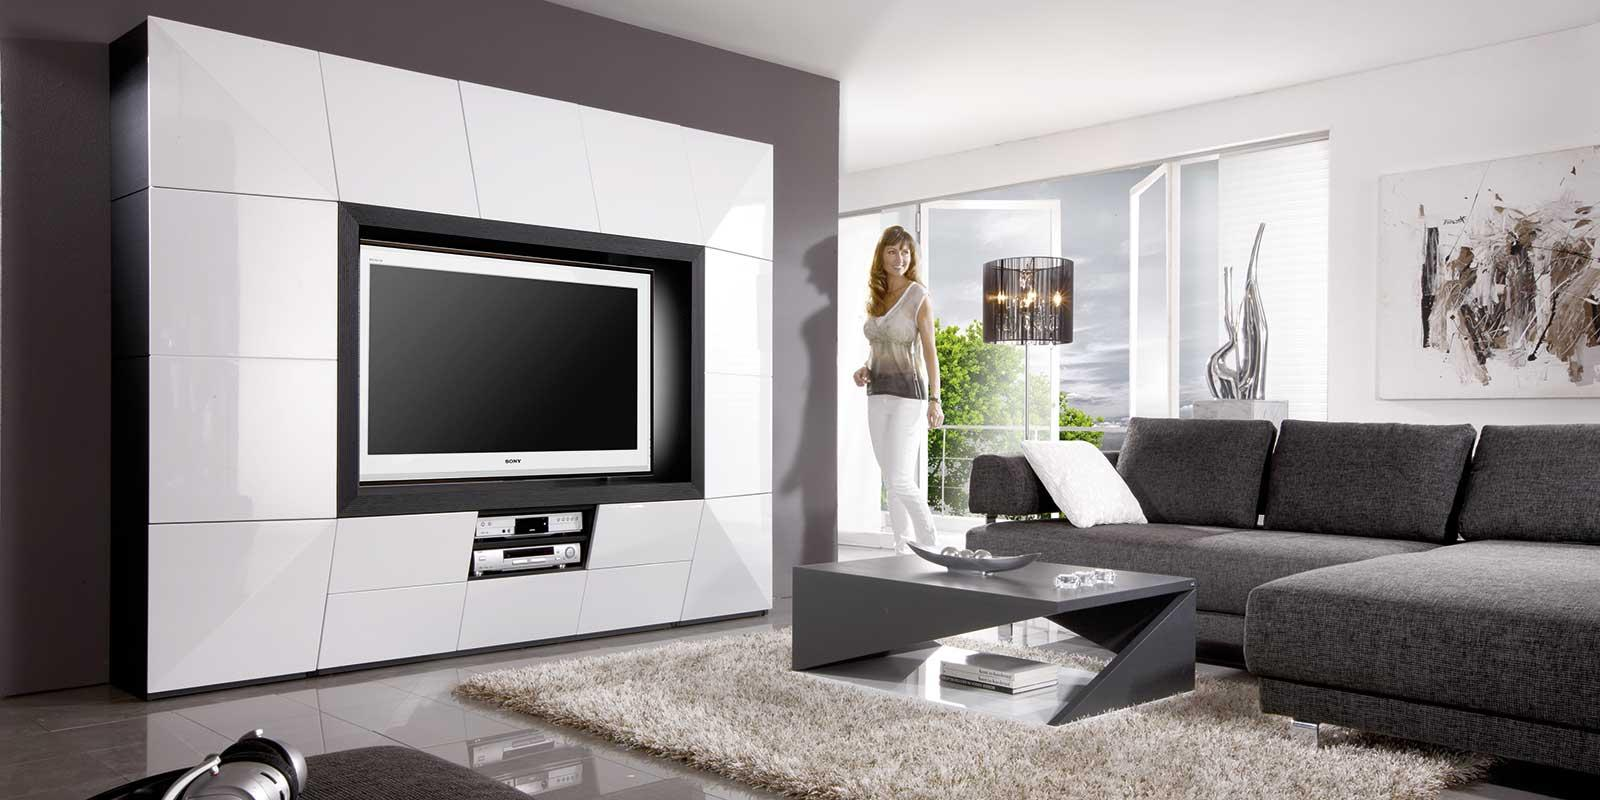 Wohnwand Mondo Möbel Wohnzimmer